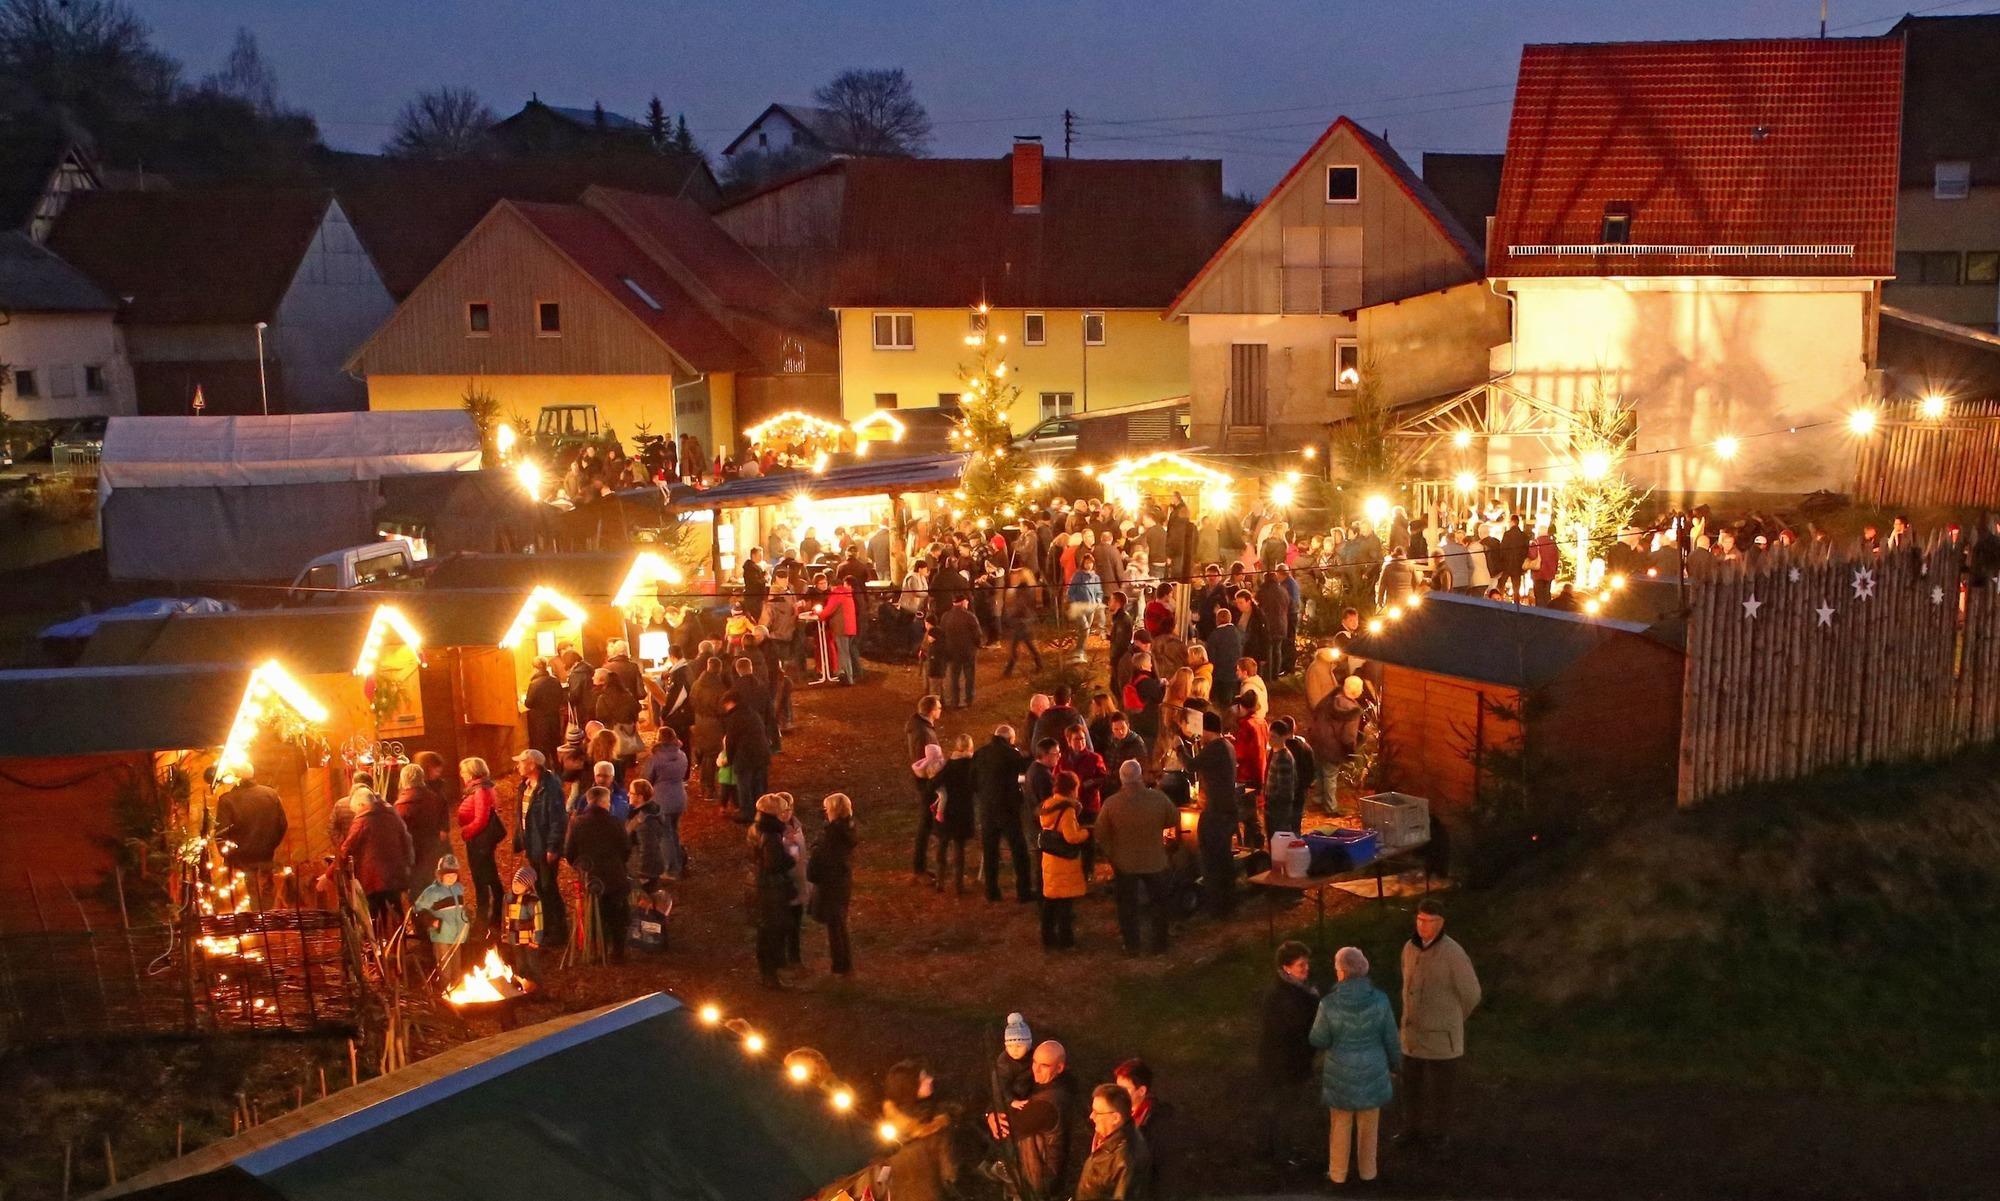 Weihnachtsmarkt Morgen.Hardheim Gerichtstetten Keltenschanze Wird Zum Weihnachtsdorf